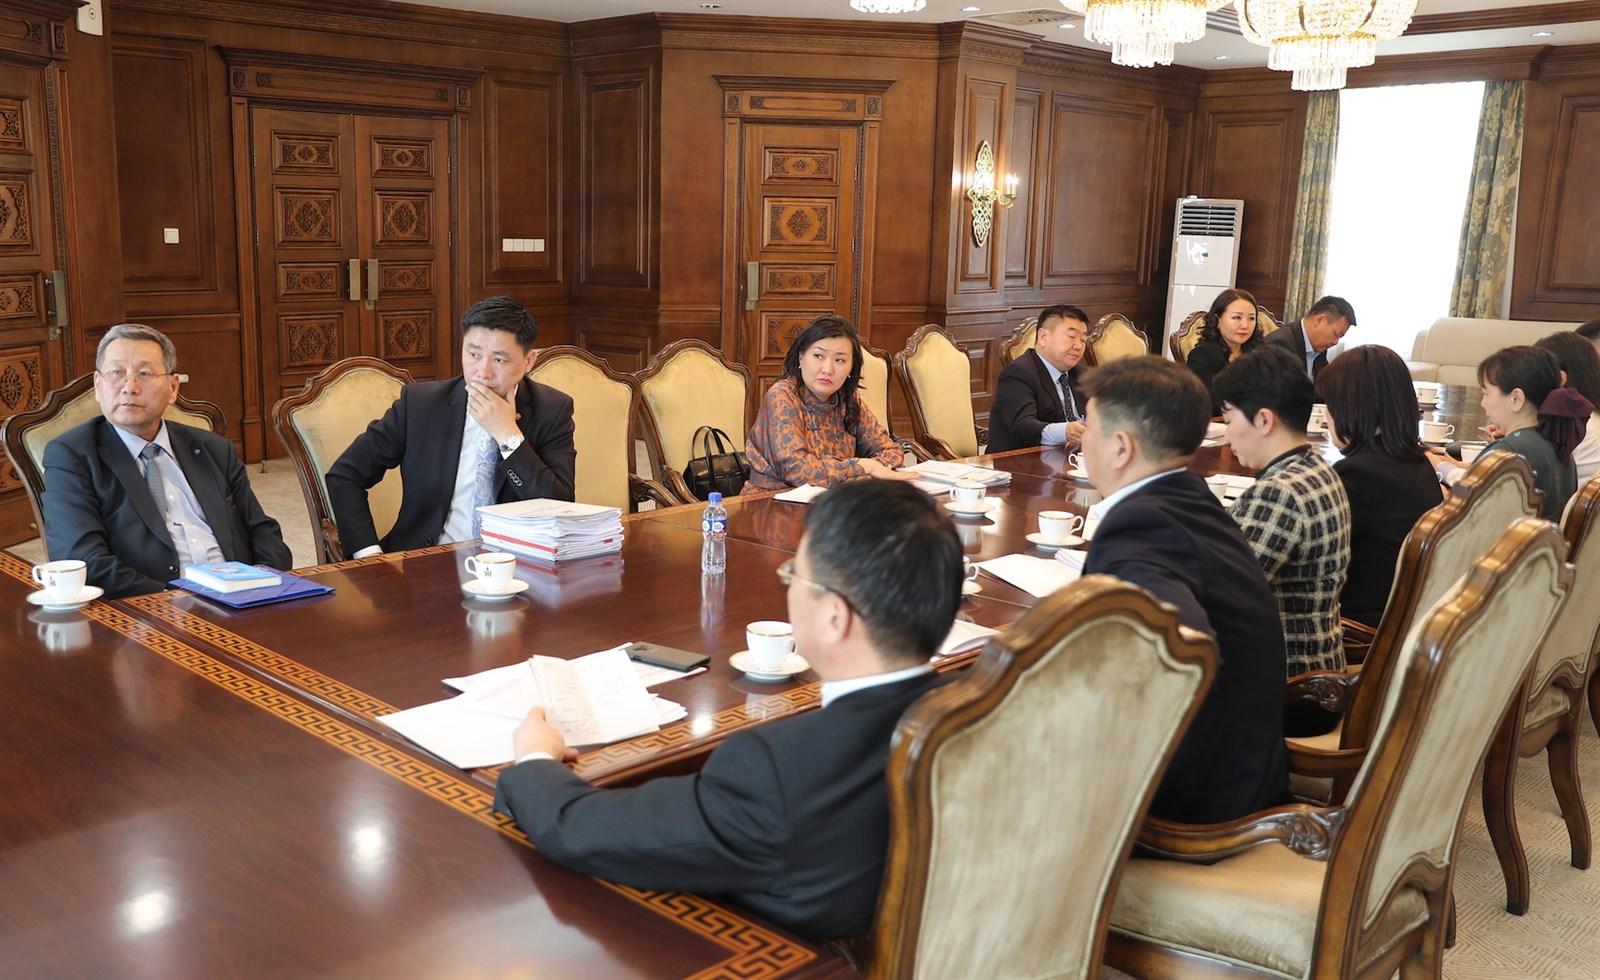 ОУПХ-ны Ази, Номхон далайн бүлгийн чуулган Улаанбаатарт болно